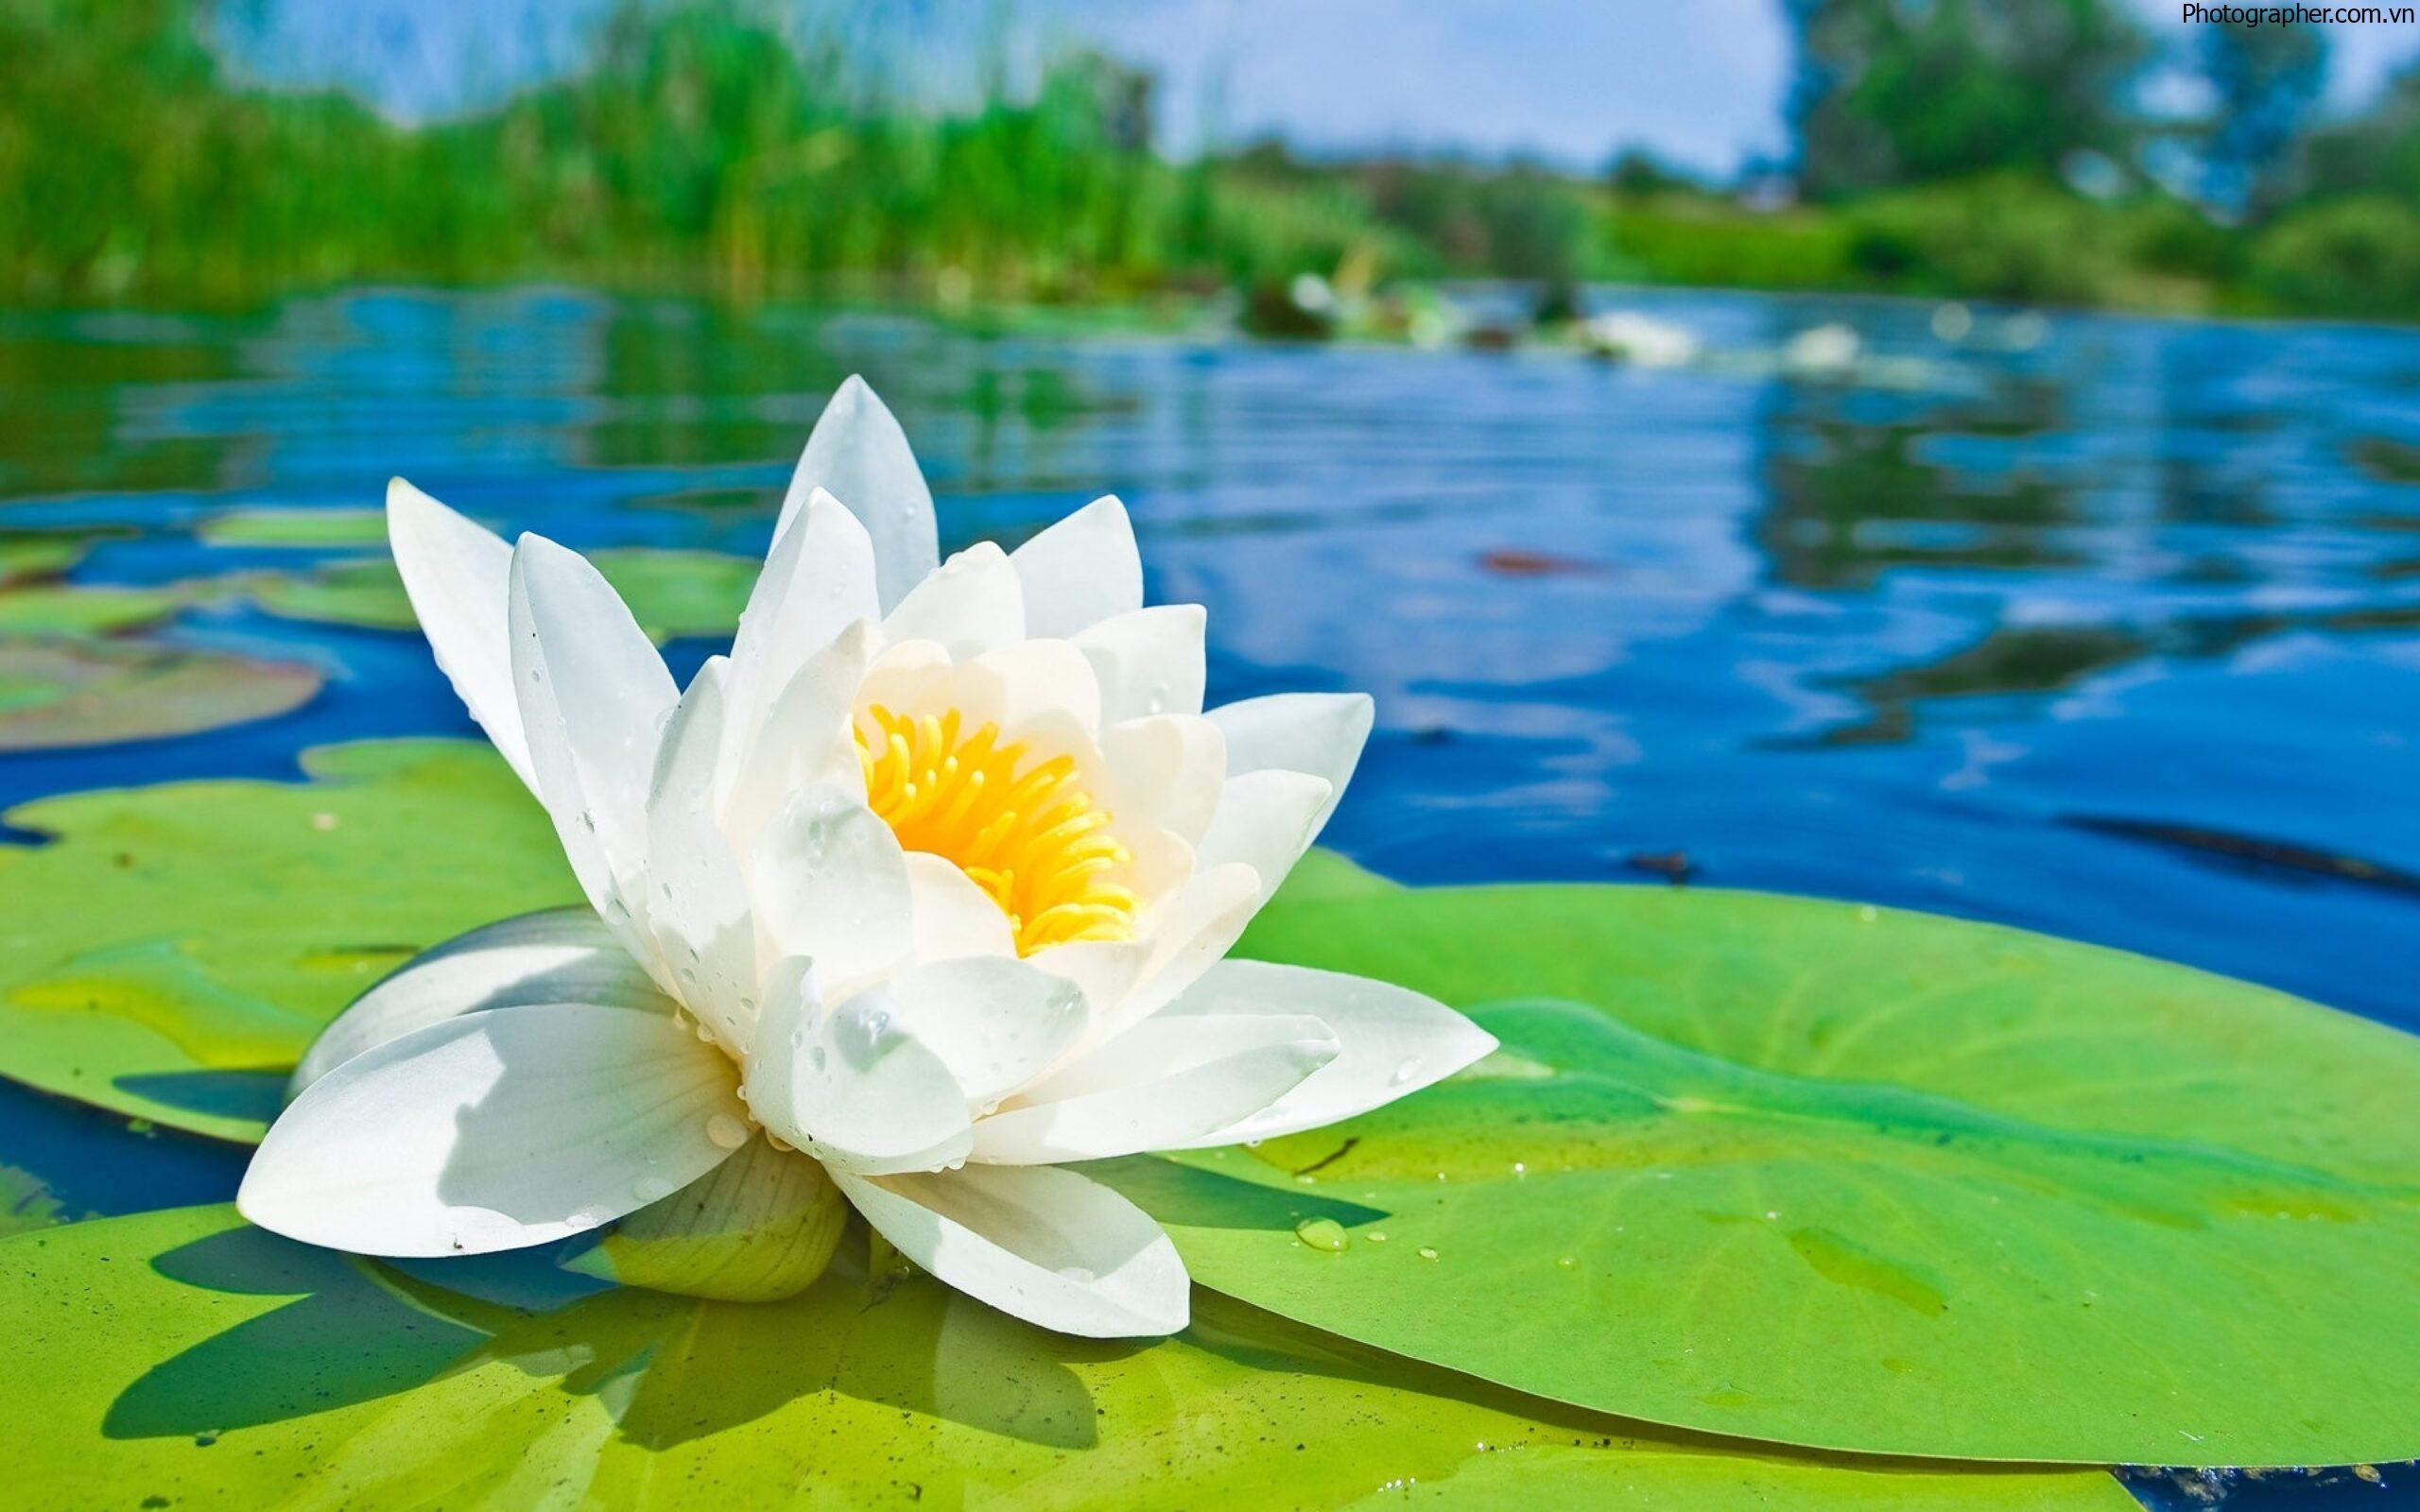 Tuyển tập những hình ảnh hoa sen trắng đẹp nhất